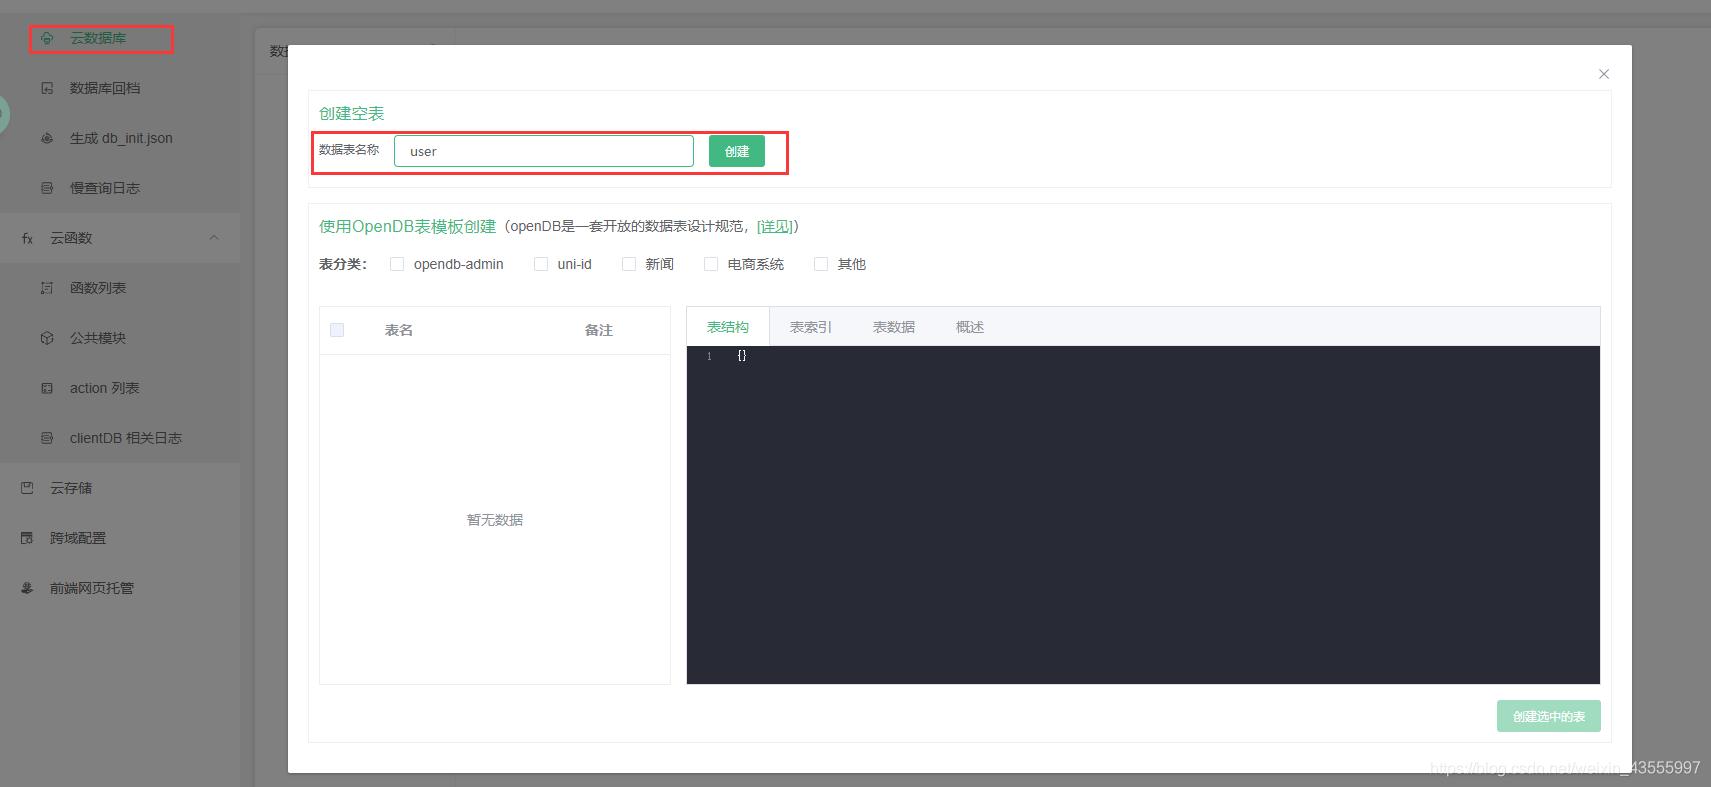 [外链图片转存失败,源站可能有防盗链机制,建议将图片保存下来直接上传(img-4eCbXoRO-1612678070259)(F:\Uni-app.assets\image-20210207094126468.png)]